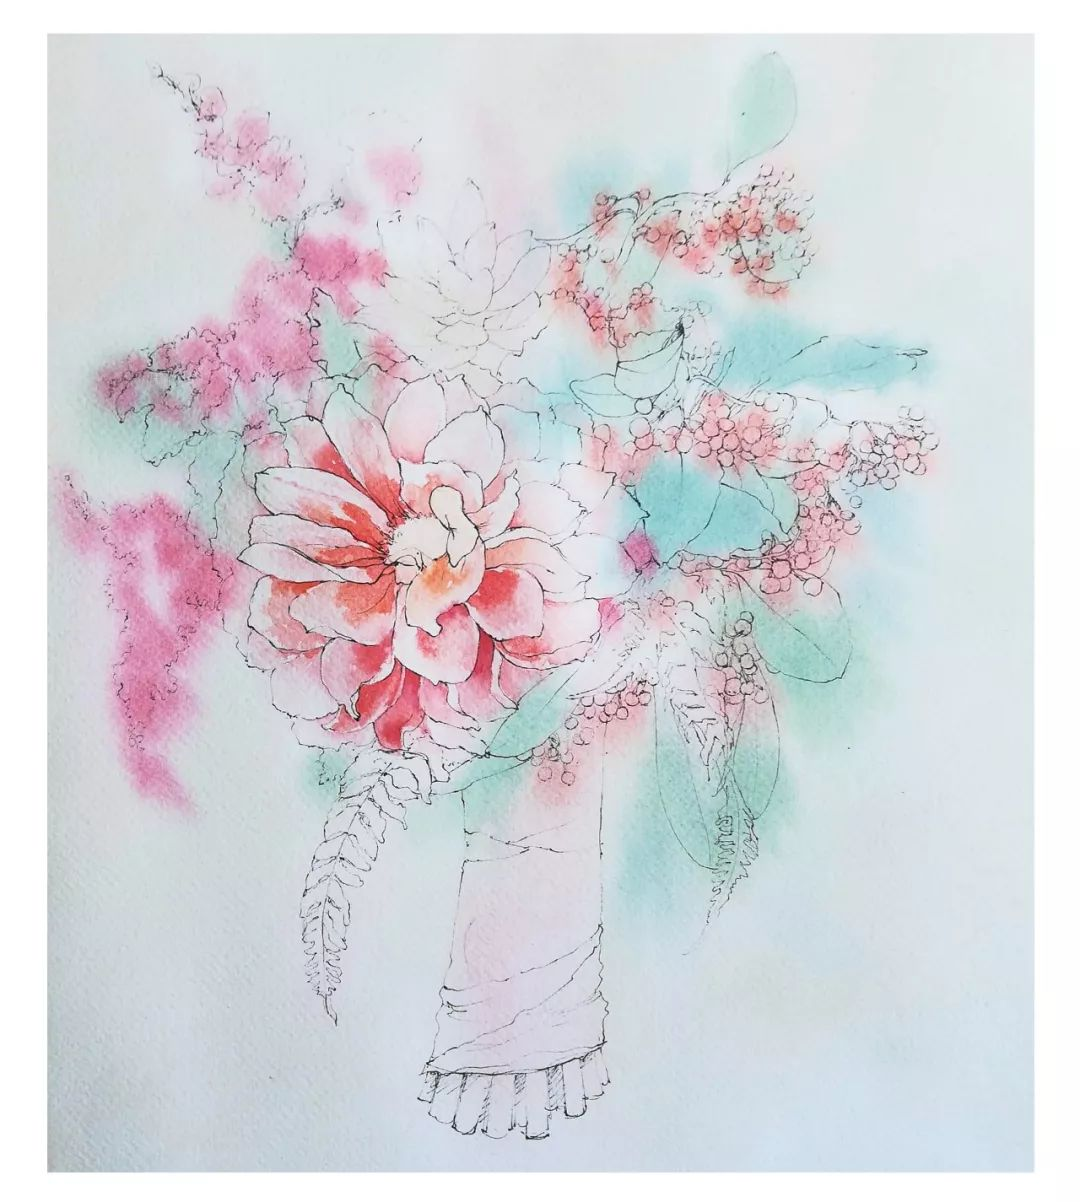 水彩教程 小小的手捧花,承载着大大的幸福